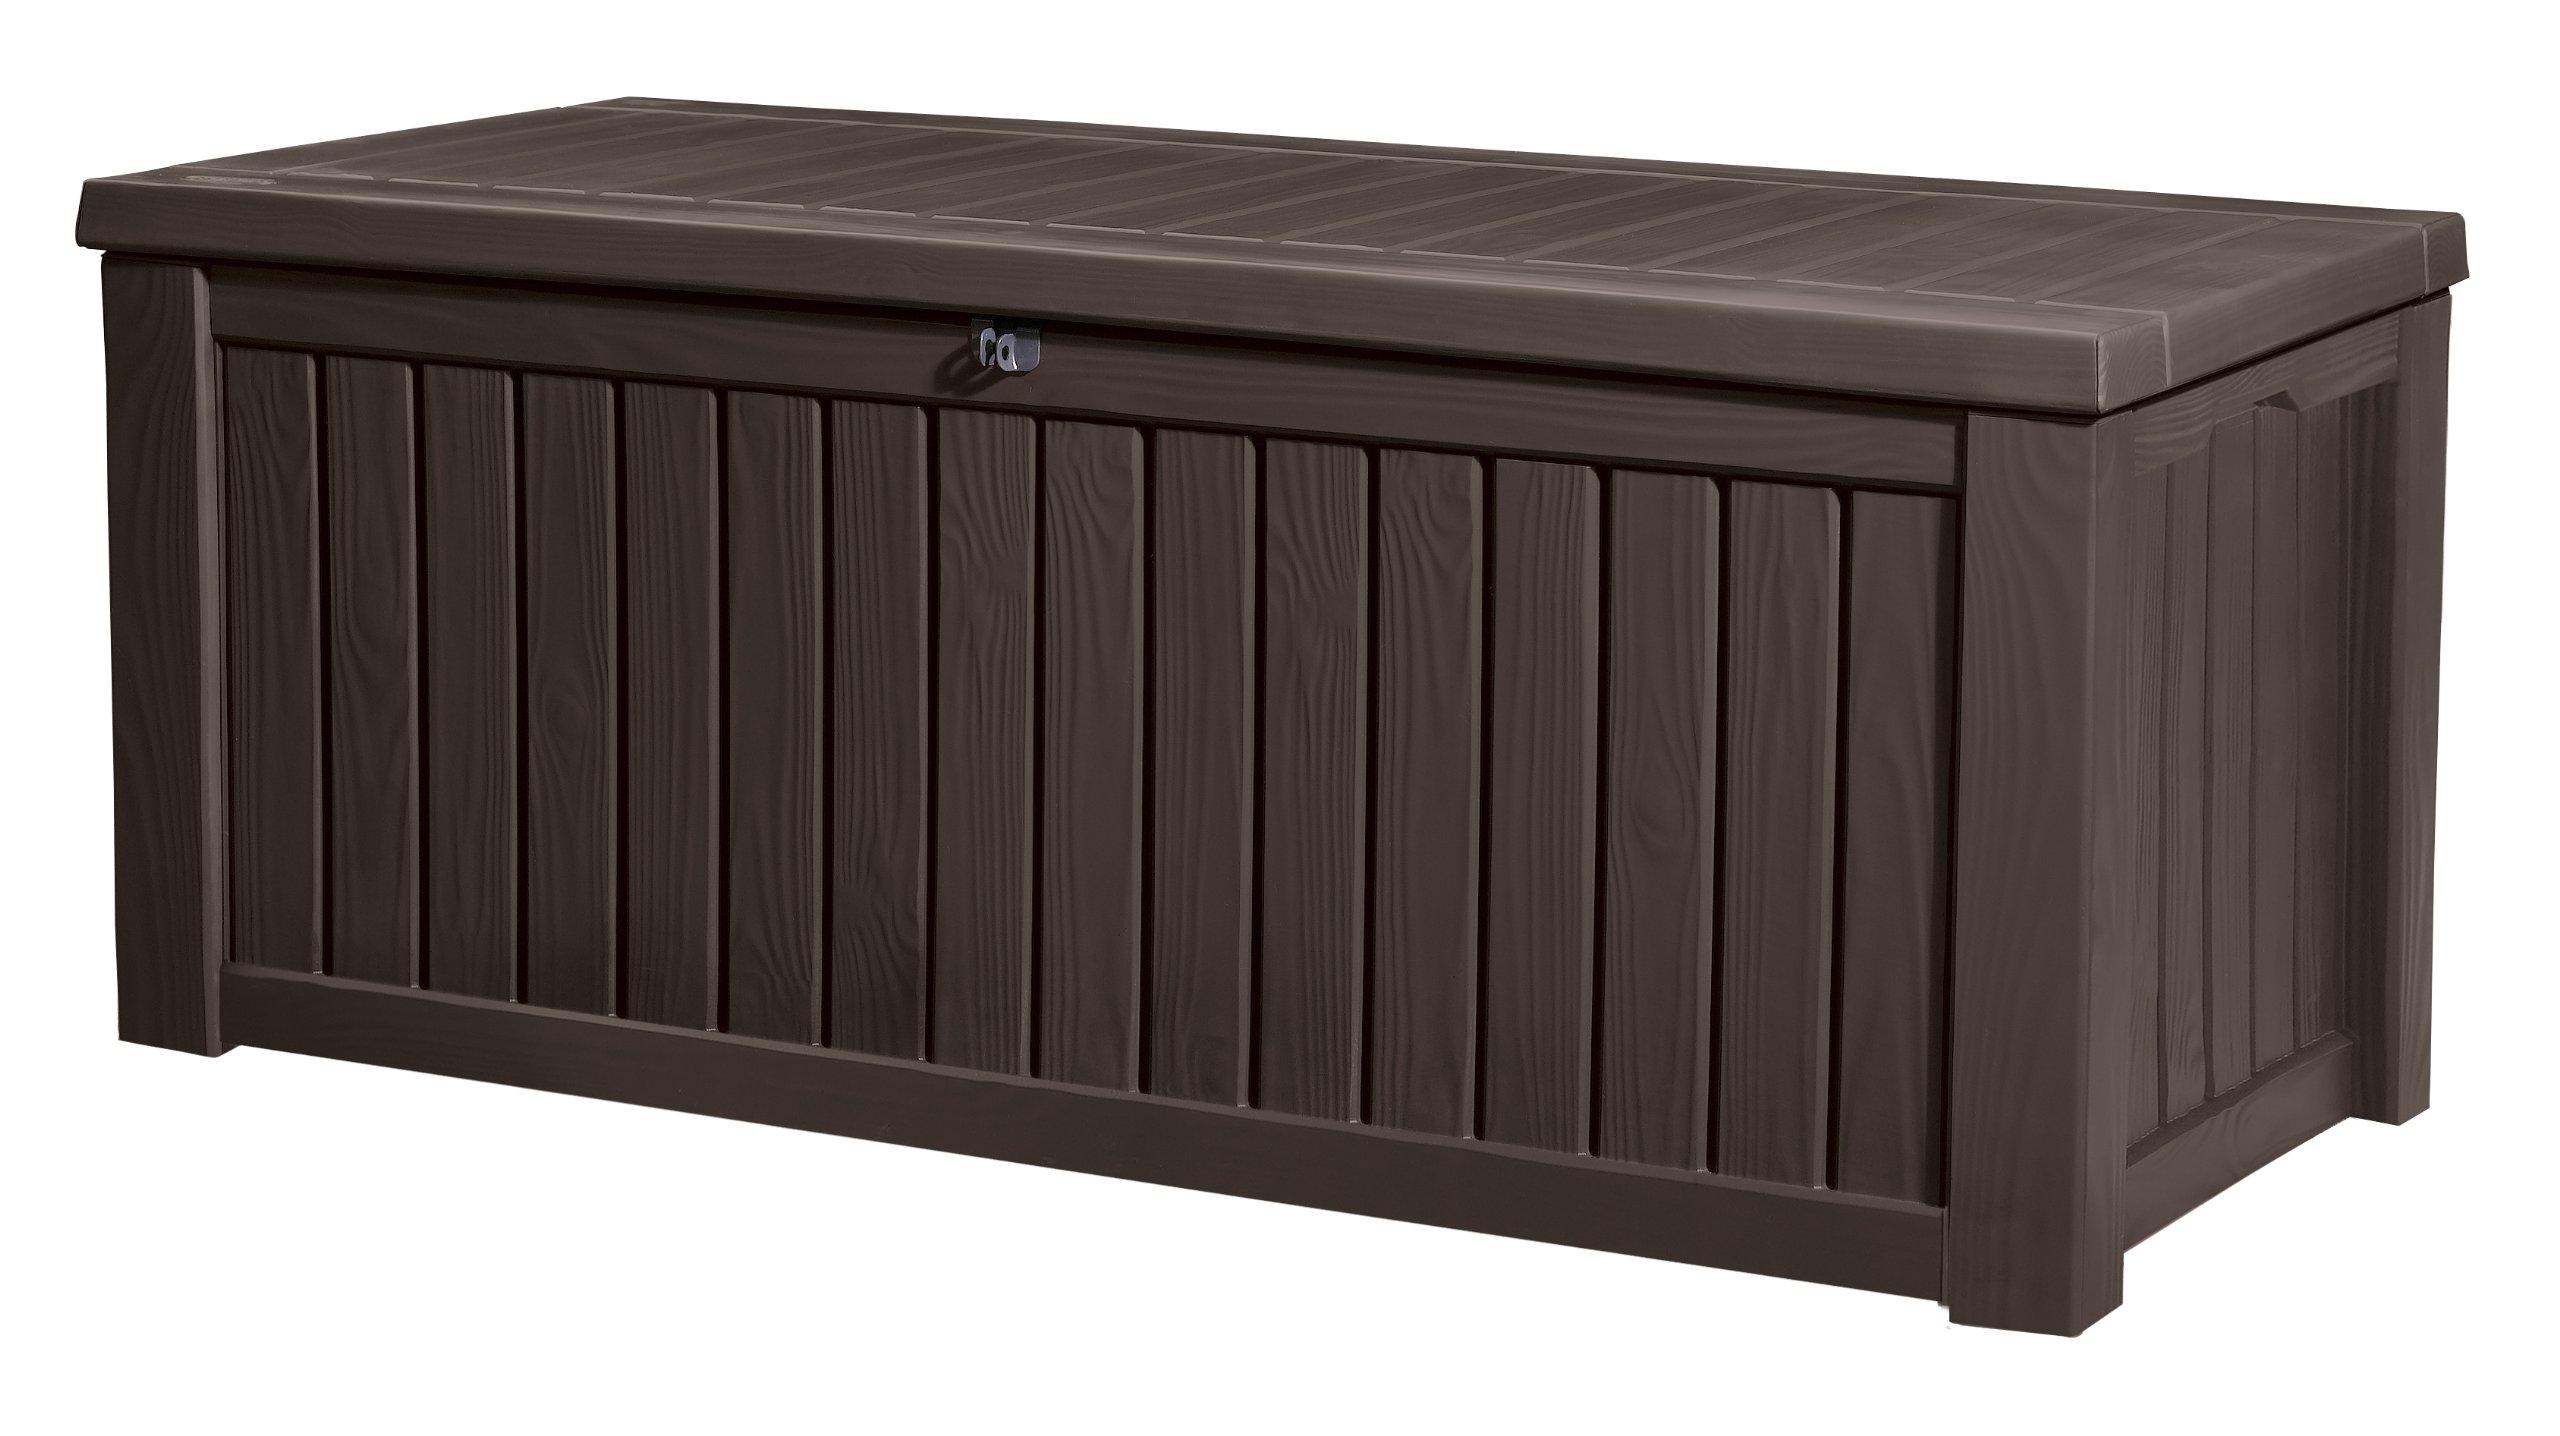 Keter - Arcón exterior Rockwood. Capacidad 570 litros. Color marrón product image